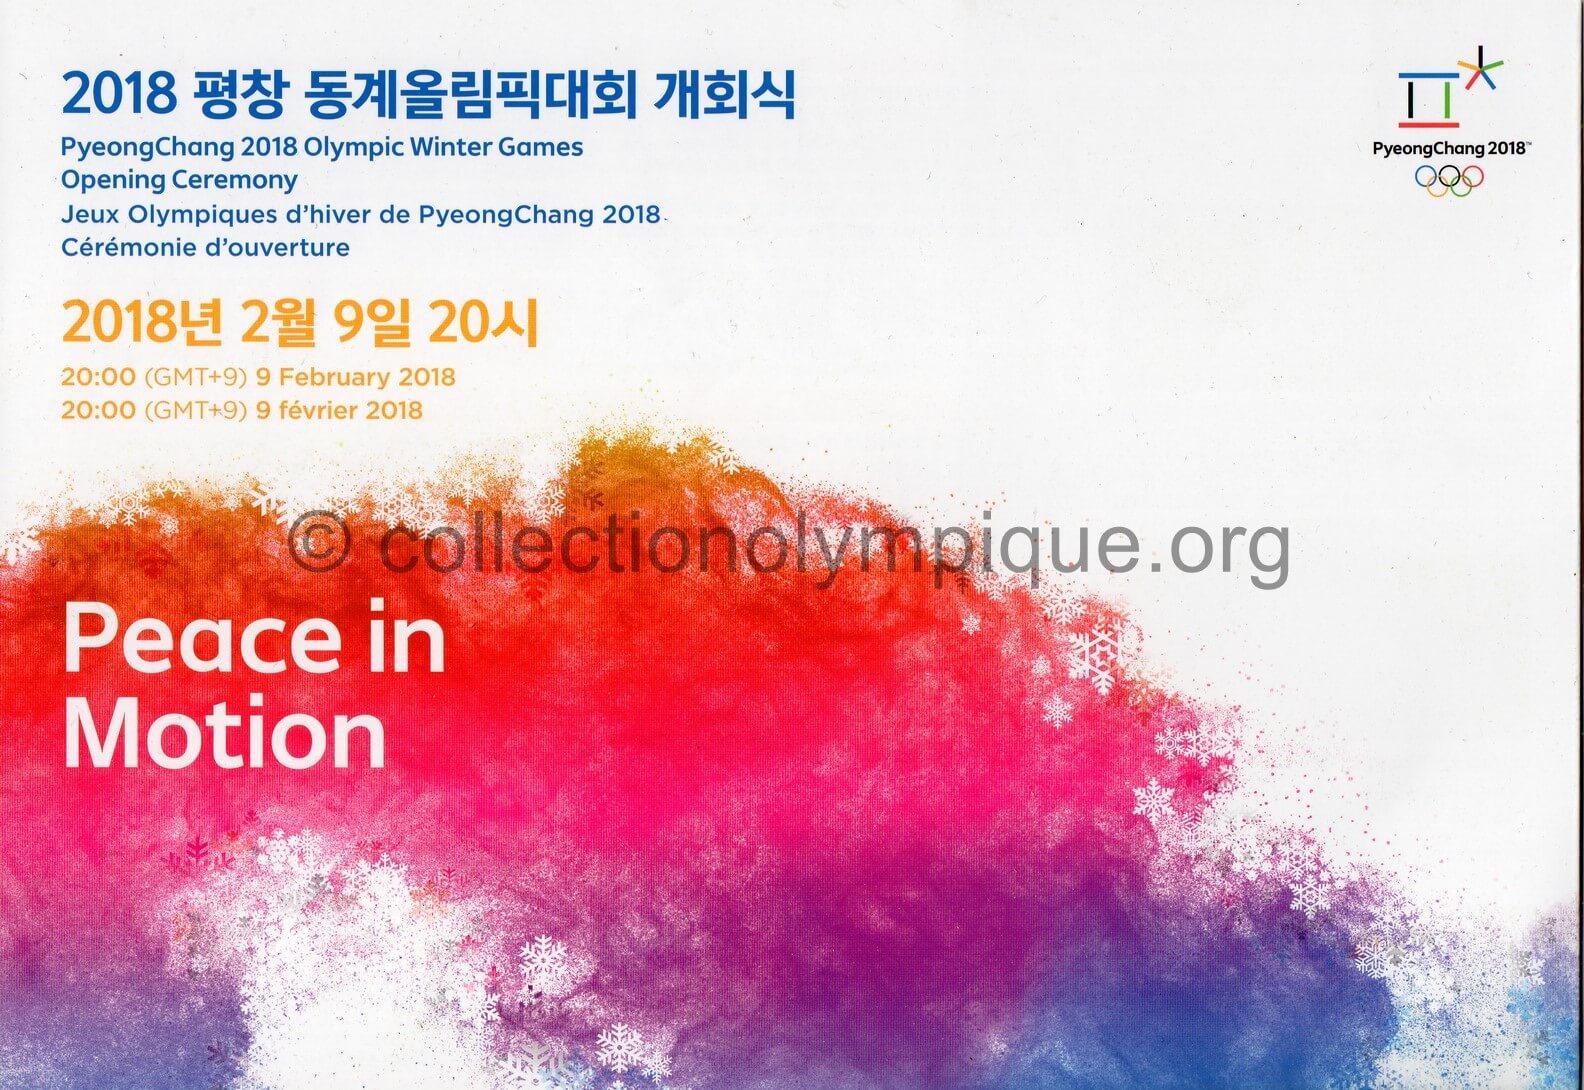 2018 PyeongChang programme olympique de la cérémonie d'ouverture 09/02/2018 27 x 18,8 cm